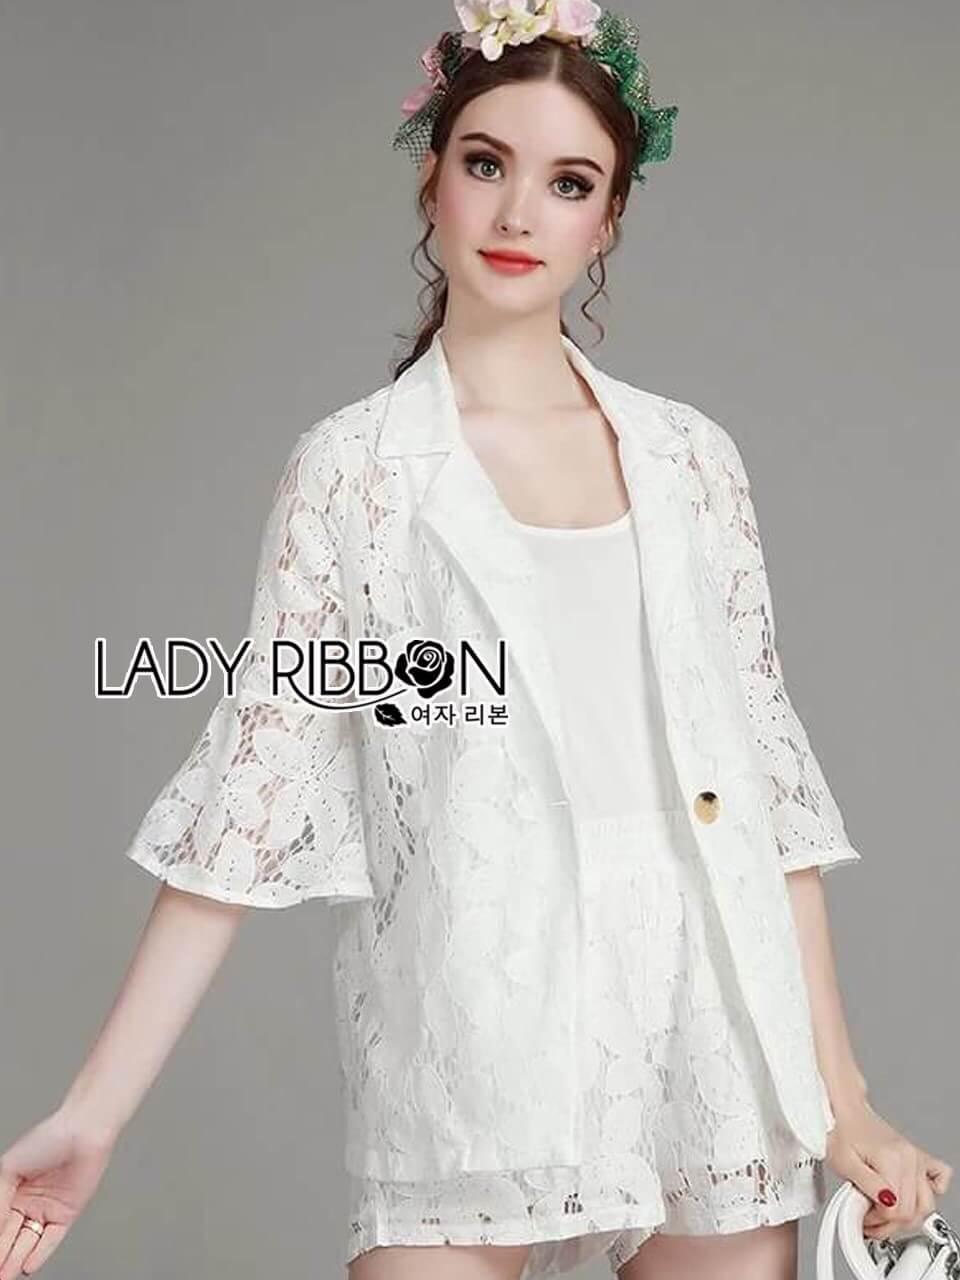 &#x1F380 Lady Ribbon's Made &#x1F380 Lady Edita 3-Piece White Jacket and Shorts Set